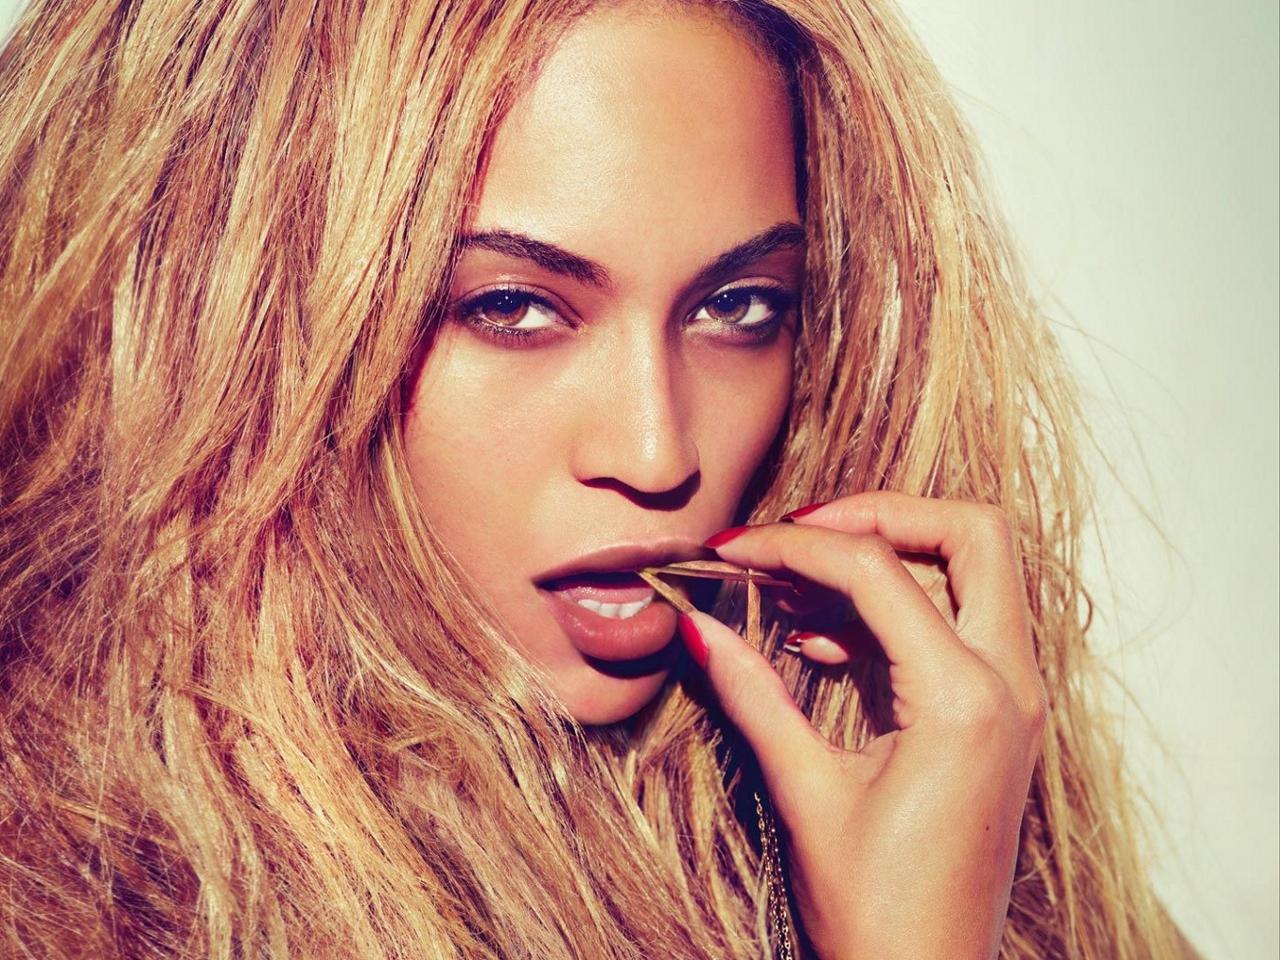 Beyonce Wallpaper Download 1280x960